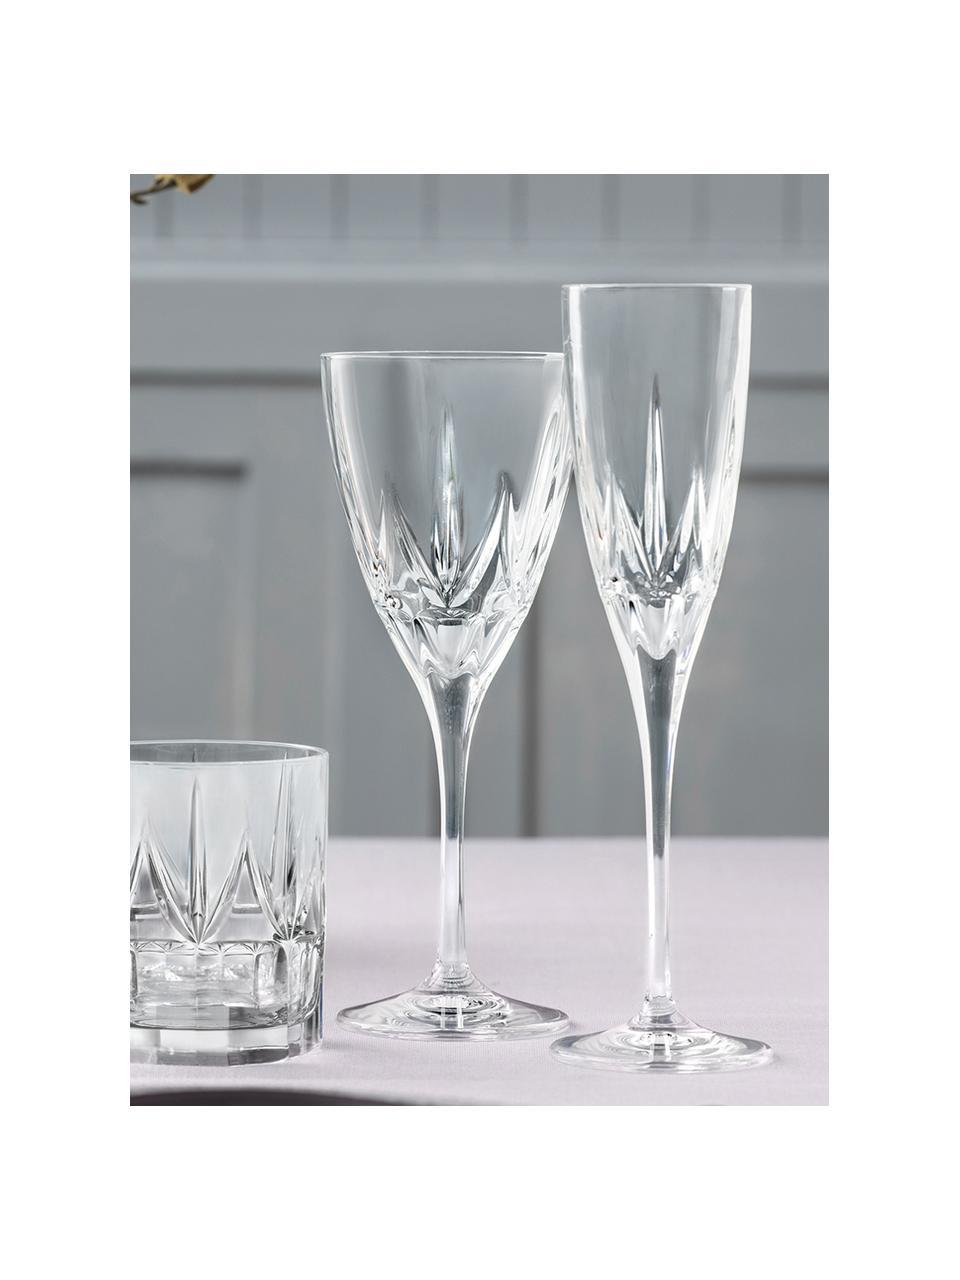 Verre à vin blanc cristalà motifs embossés Chic, 6pièces, Transparent